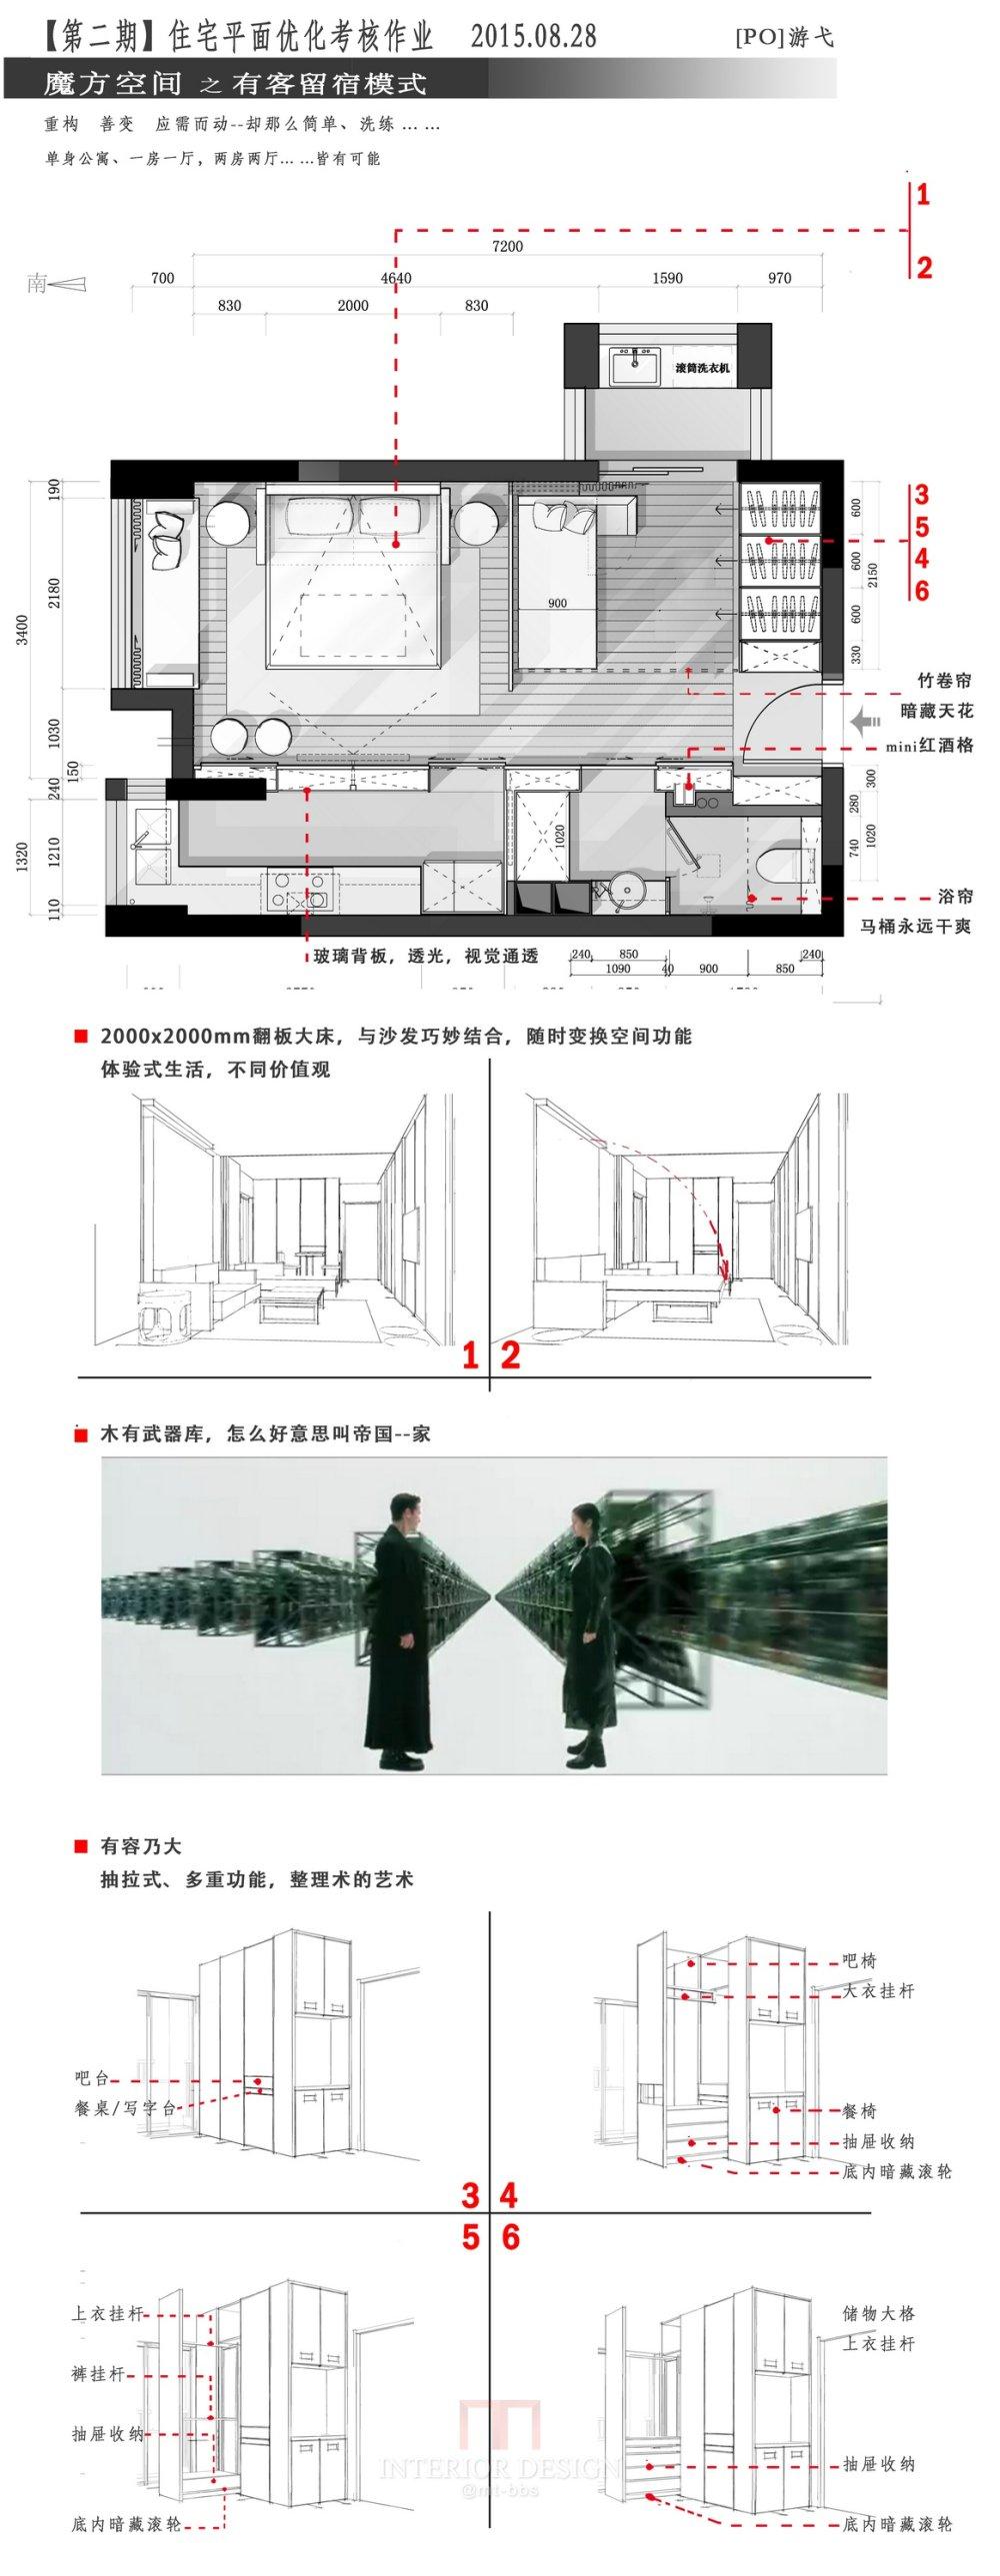 【住宅平面优化群】第二期考核 优秀作品分享_10.游弋a.jpg